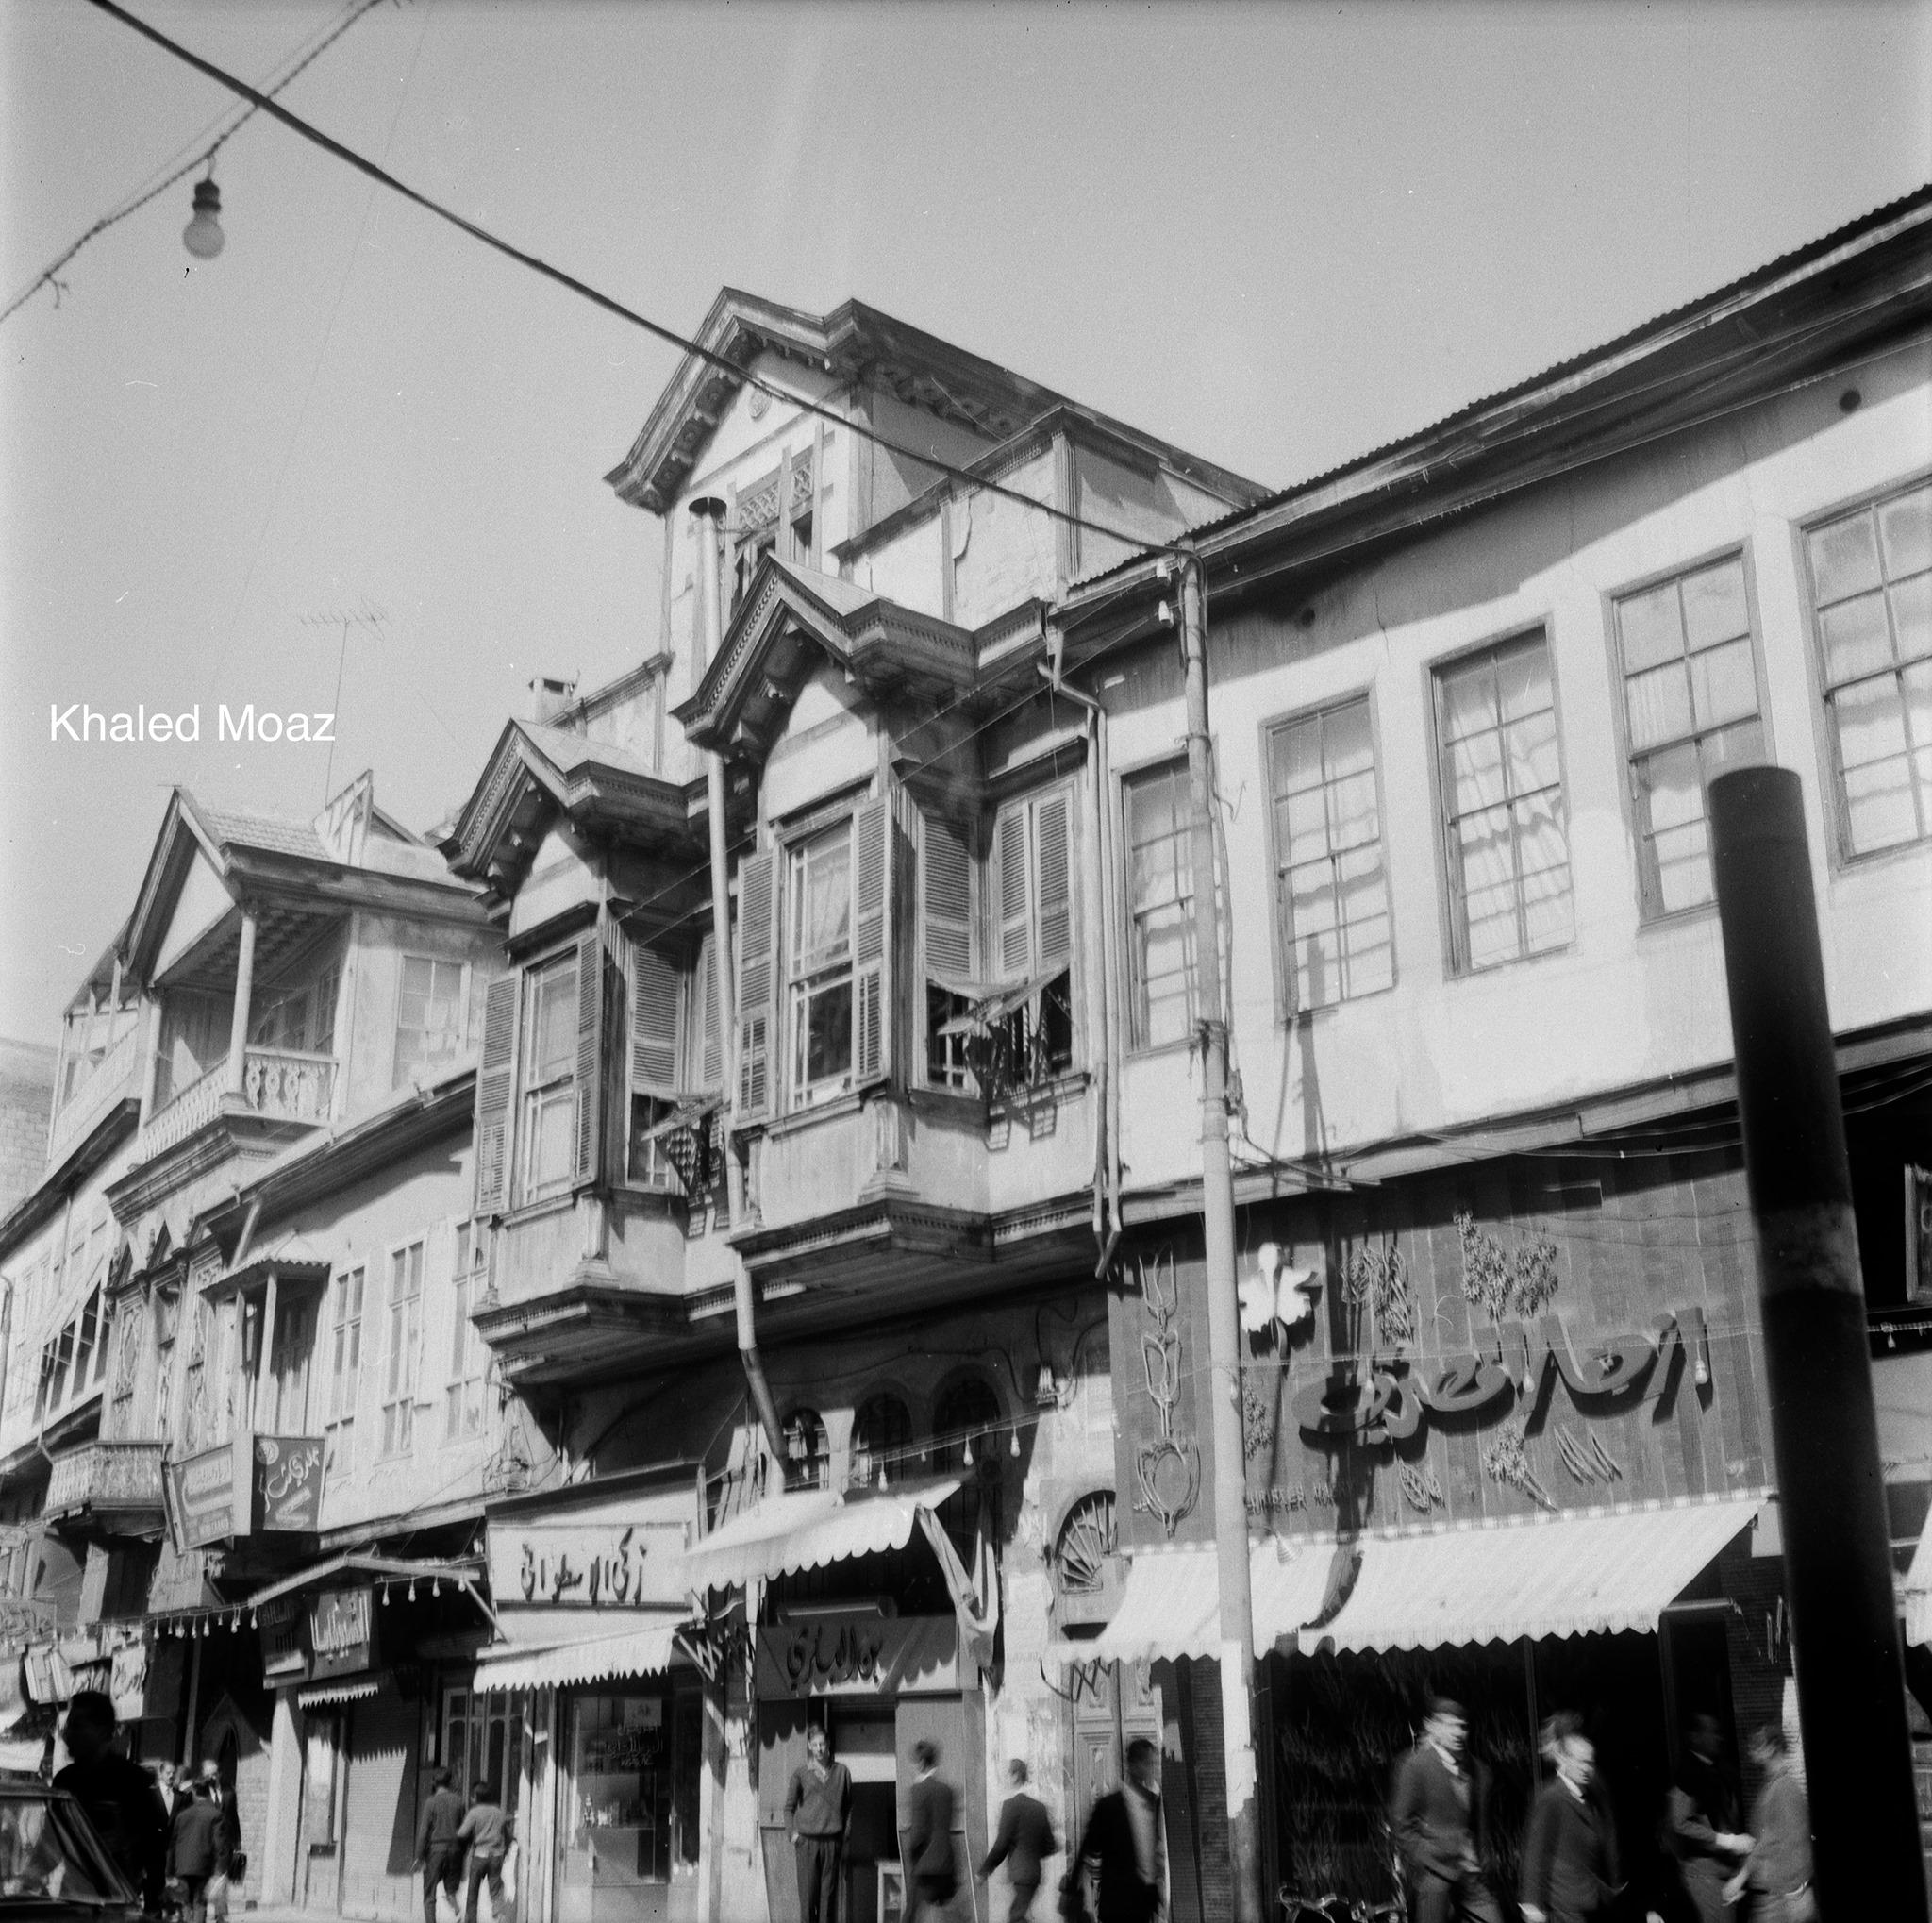 دمشق 1965 - طريق الصالحية وتفرعاته (5)